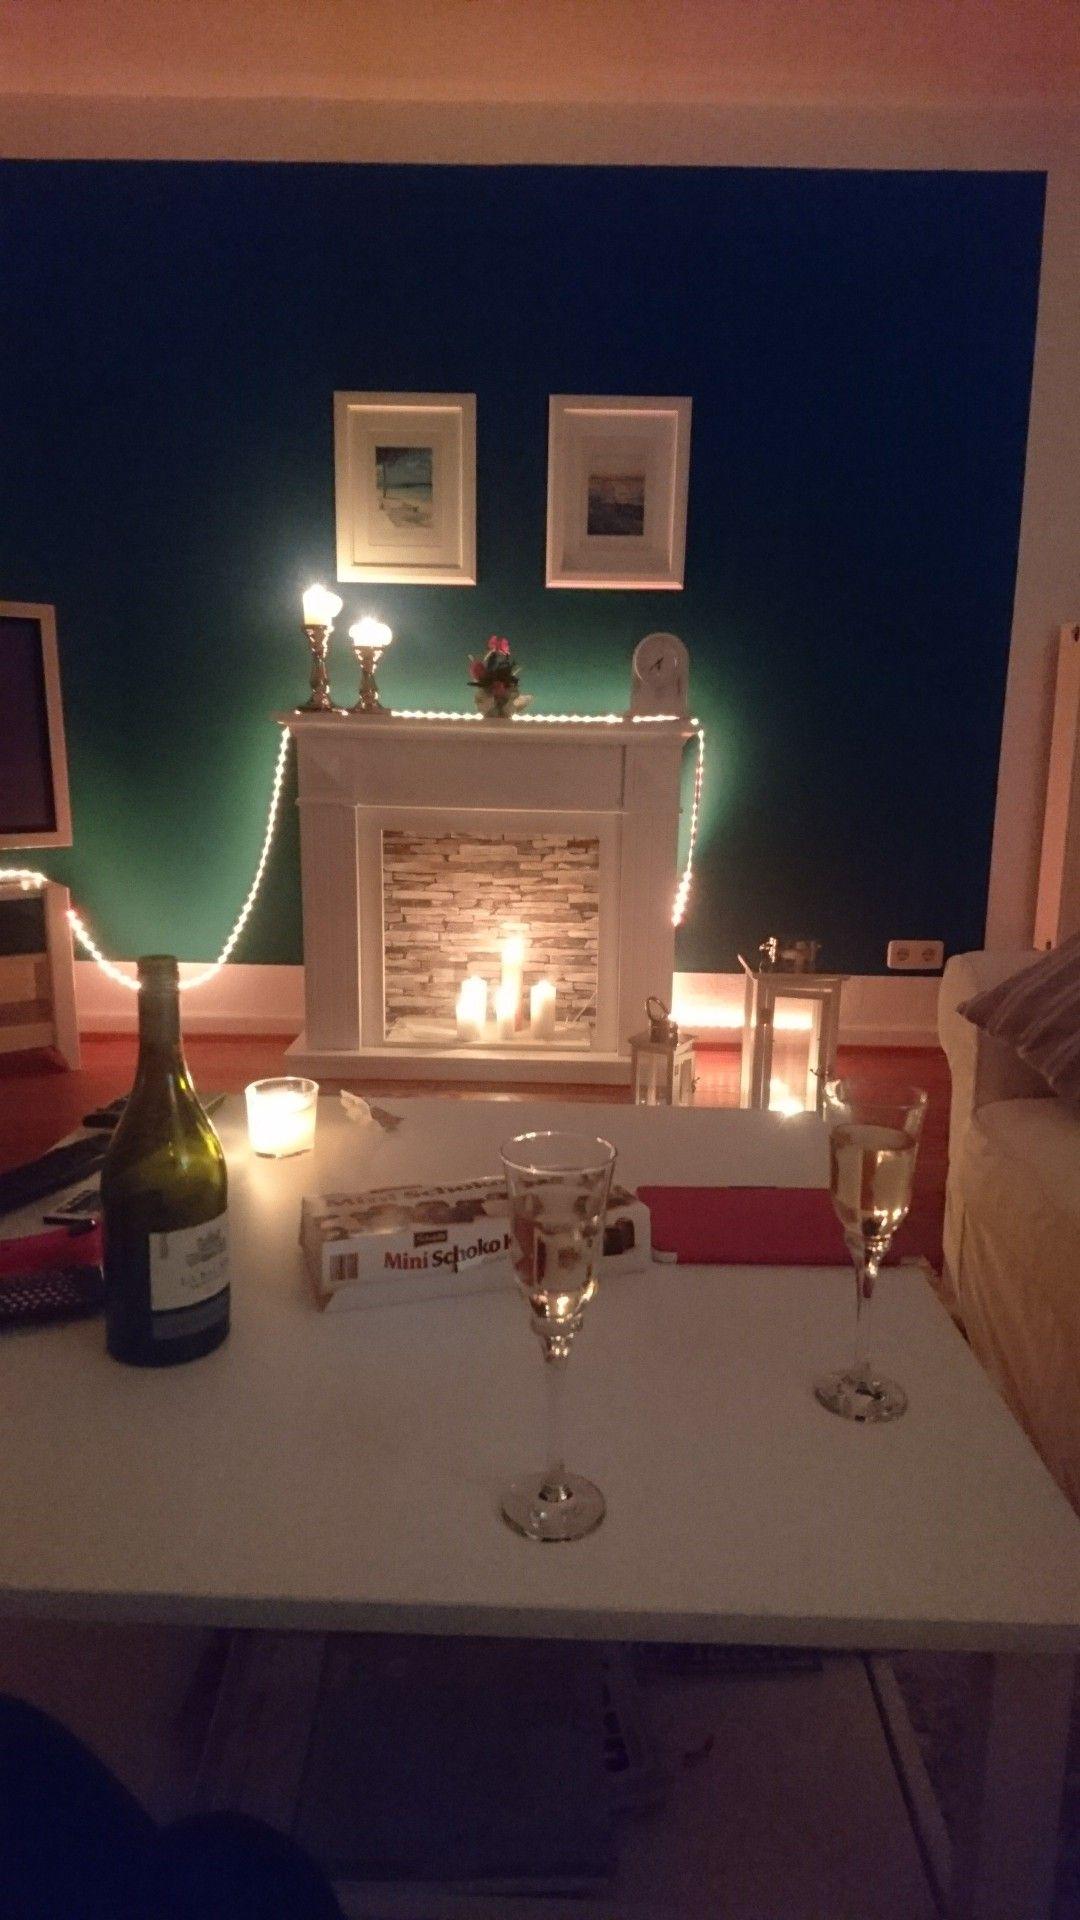 #Home #Kamin #blau #Aristokratie #gemütlich #Zuhause #Wohnzimmer #Couch